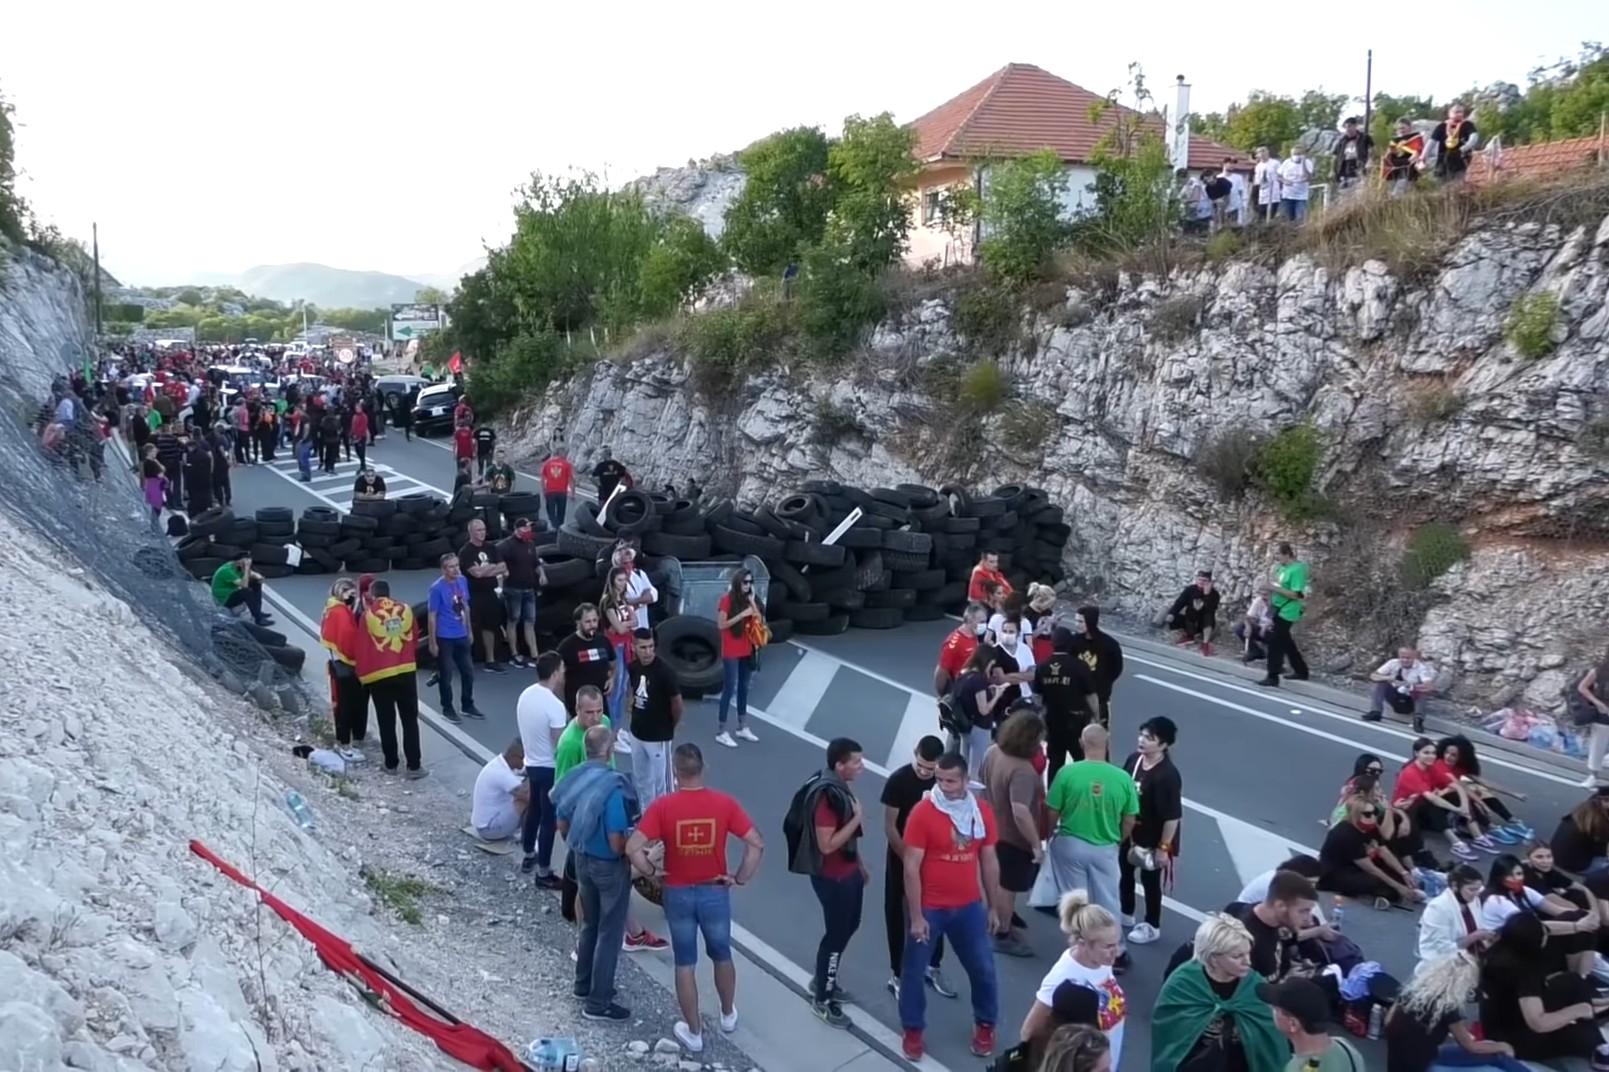 Protivnici ustoličenja mitropolita Joanikija, tzv. komite, prilikom blokade puta u Cetinju, 04. septembar 2021. (Foto: Snimak ekrana/Jutjub/MediaBiro)